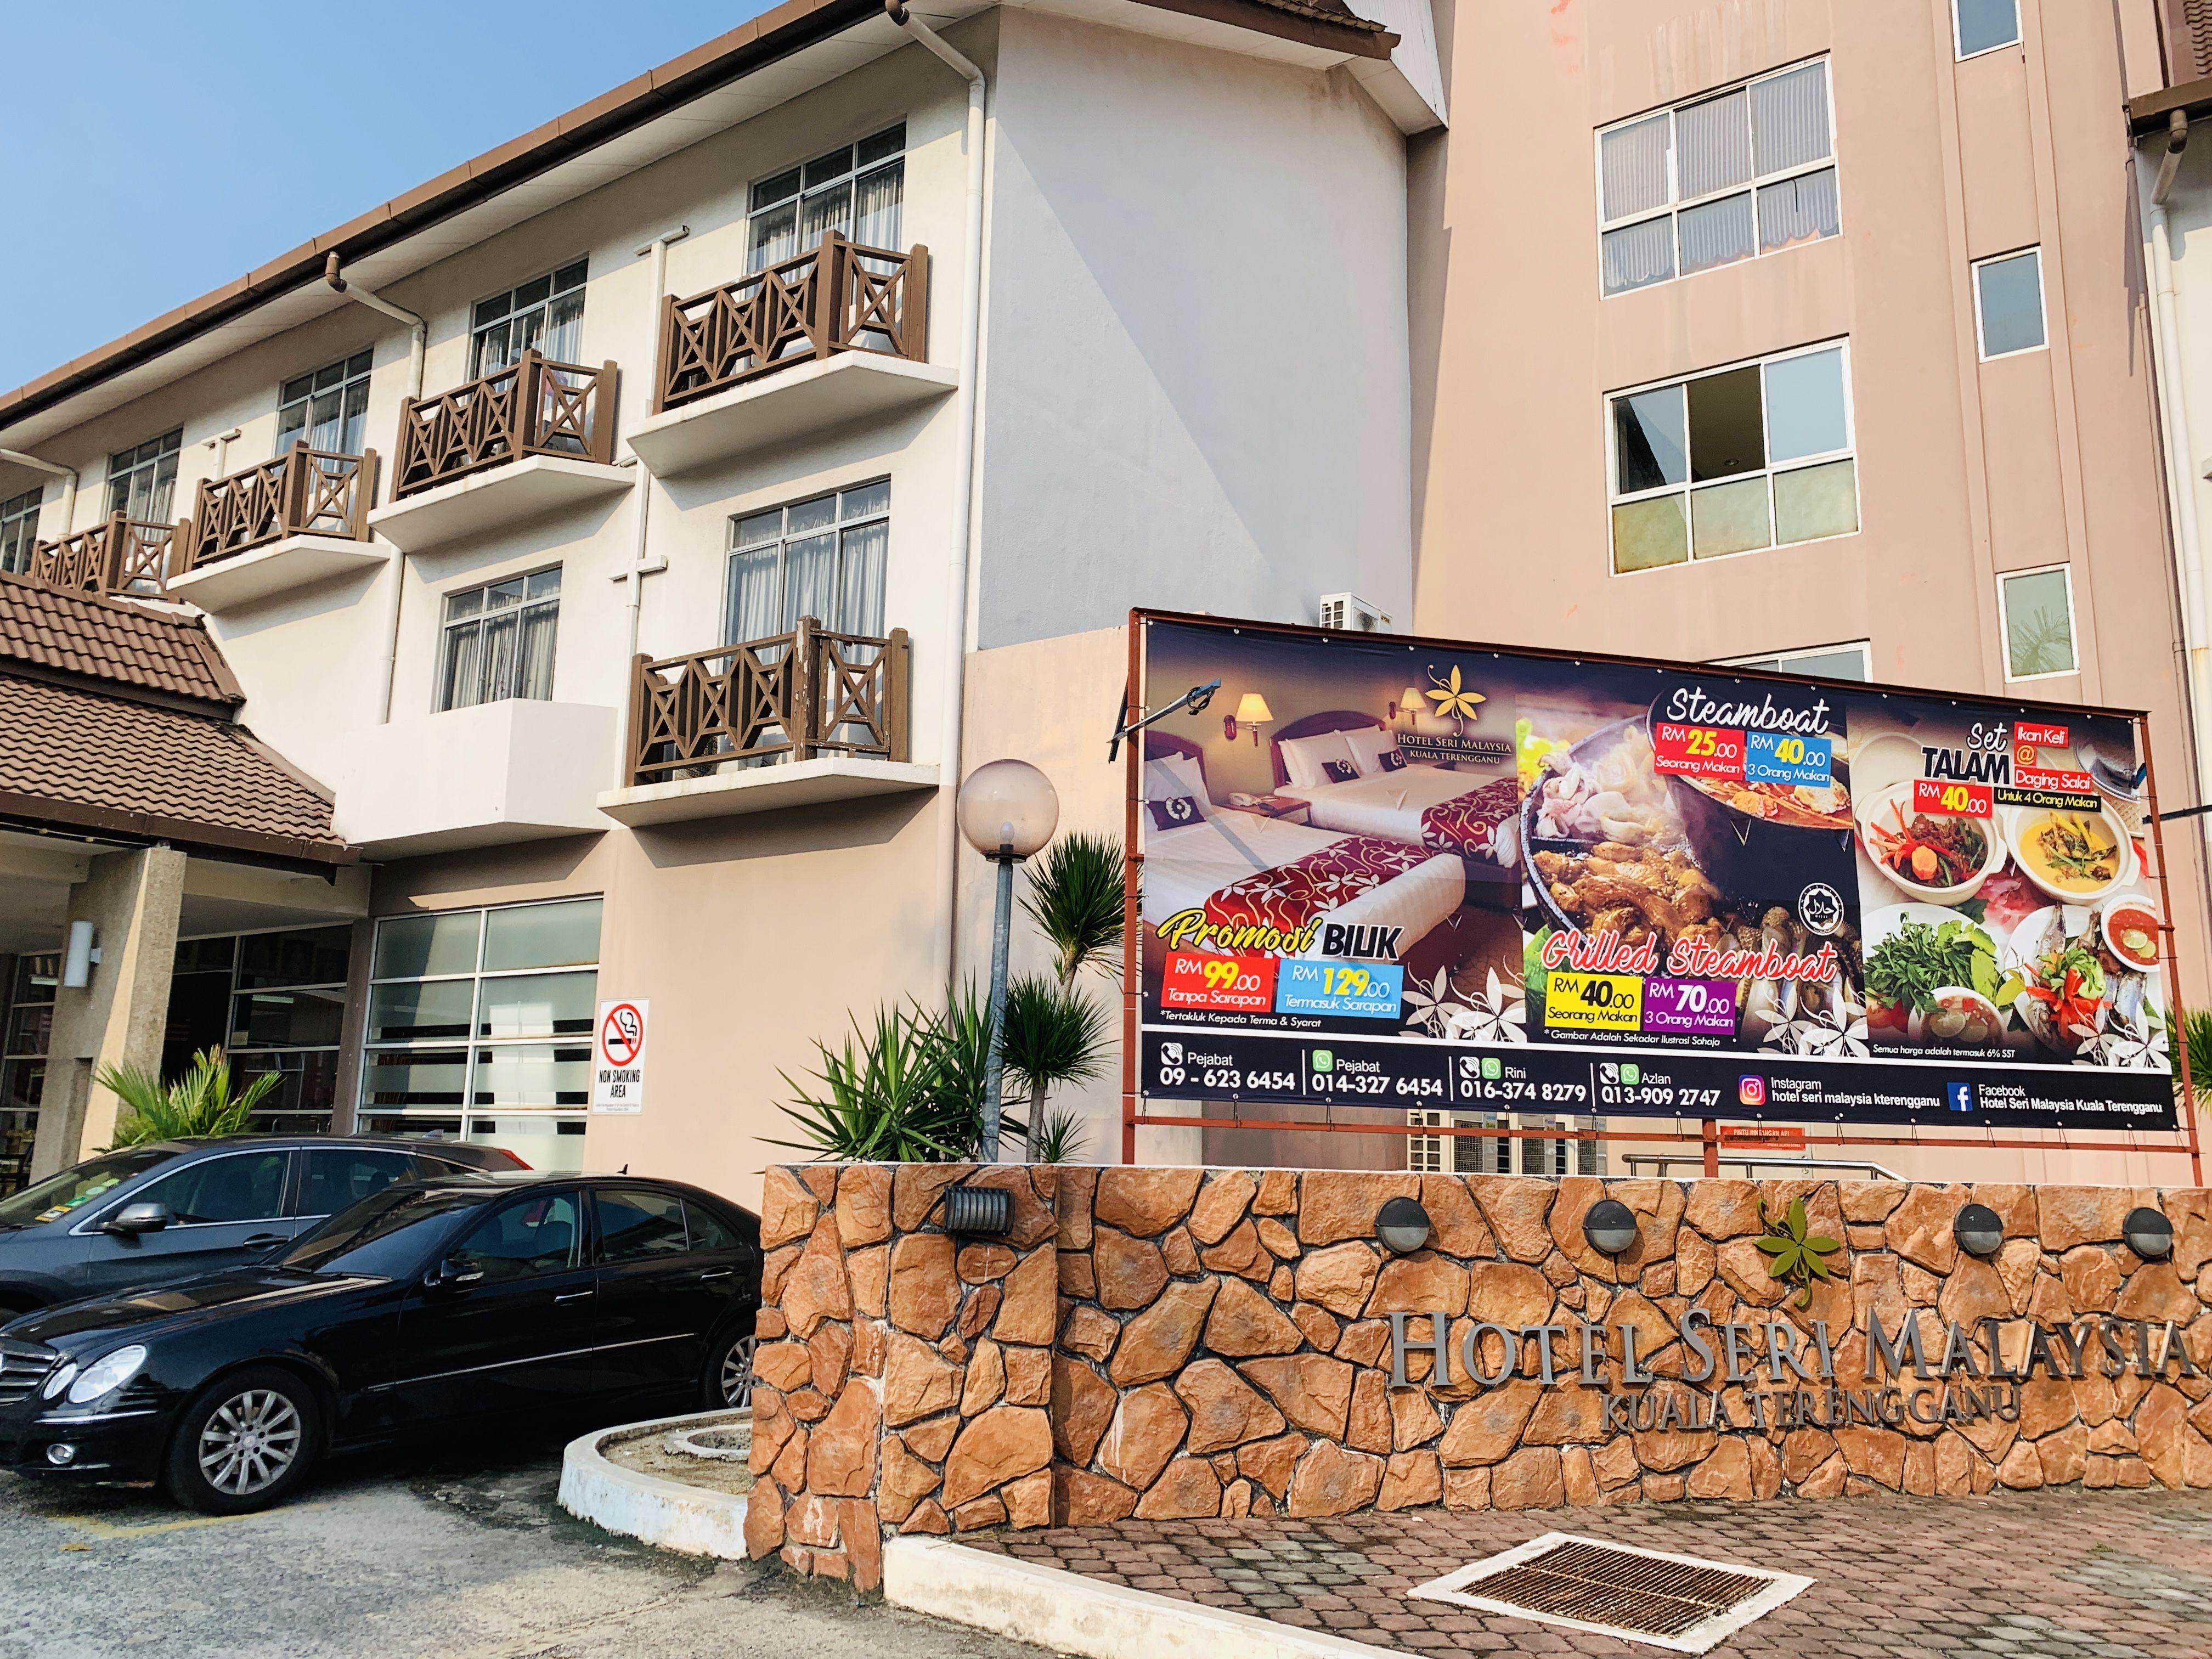 Hotel Seri Malaysia Kuala Terengganu Old And Run Down Hotel Kuala Terengganu Terengganu Malaysia